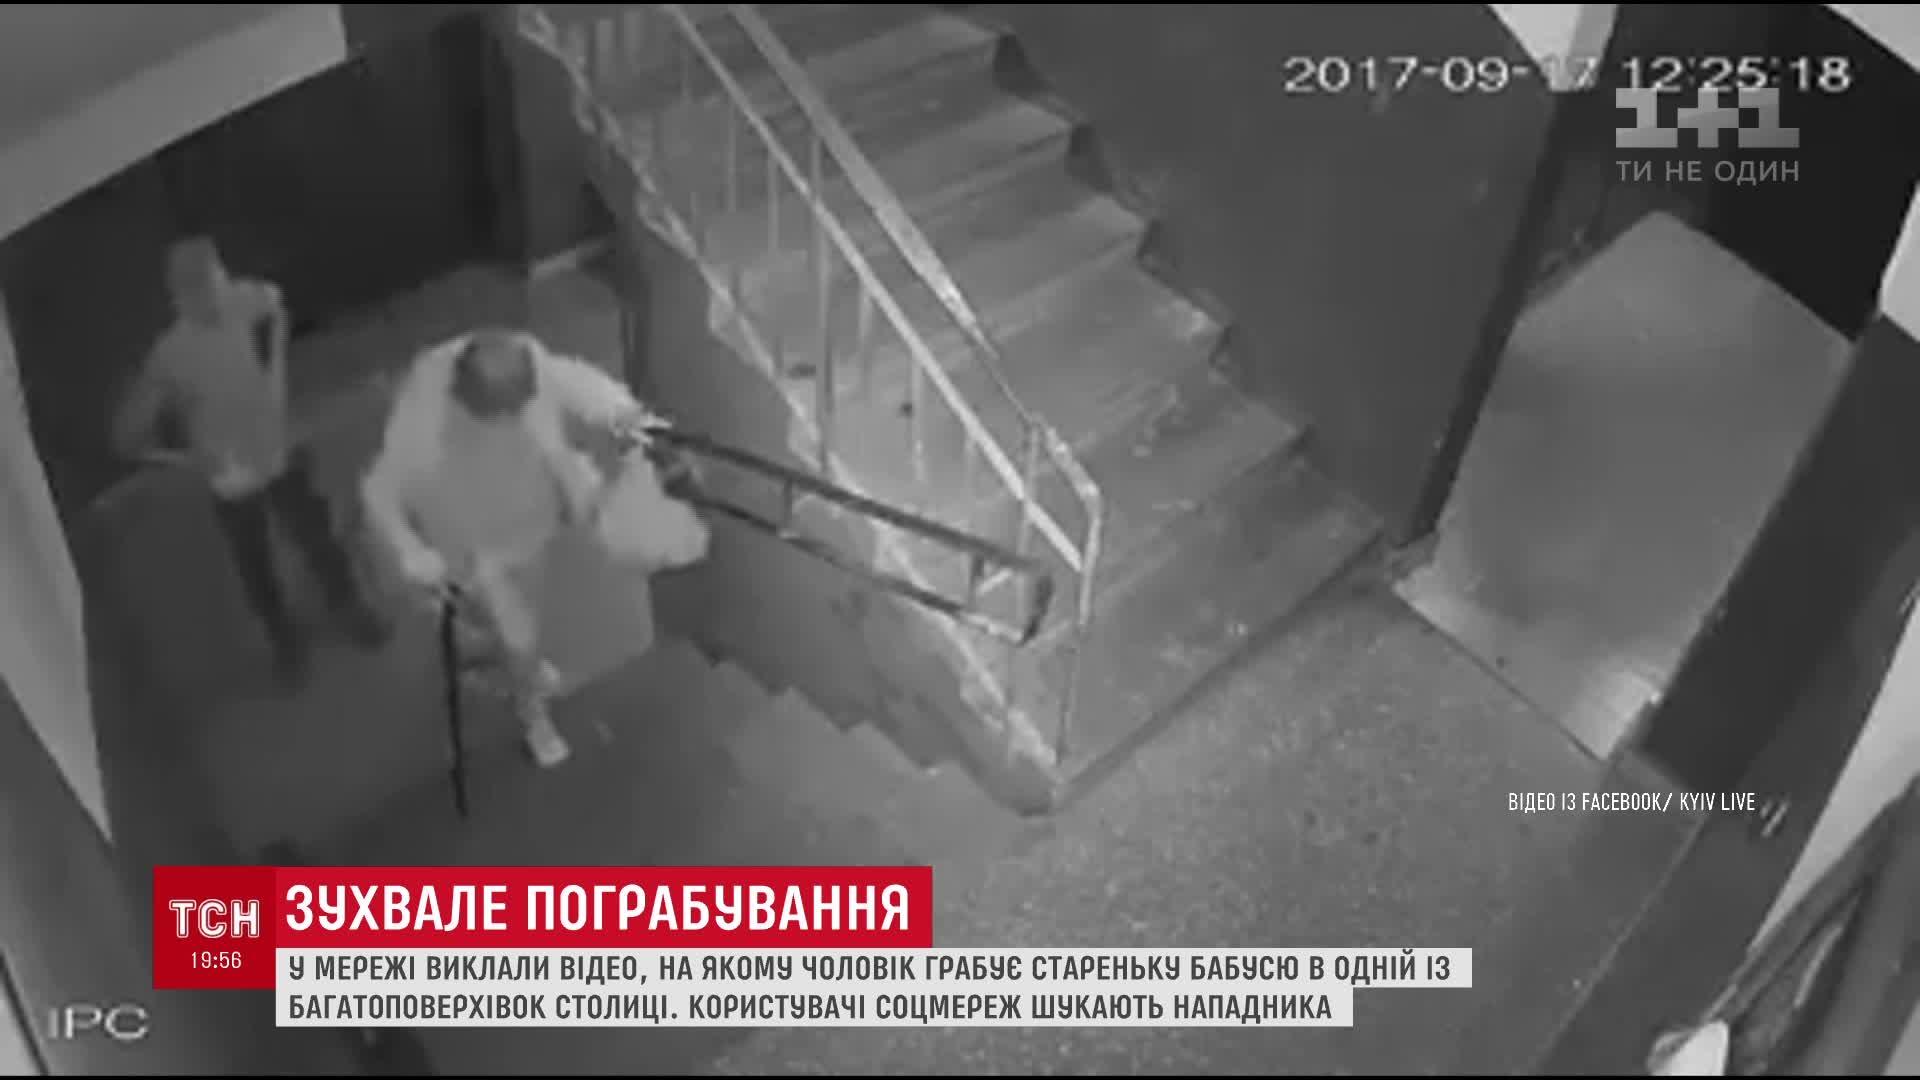 Молодой человек ограбил пожилую женщину в подъезде многоэтажки / скриншот